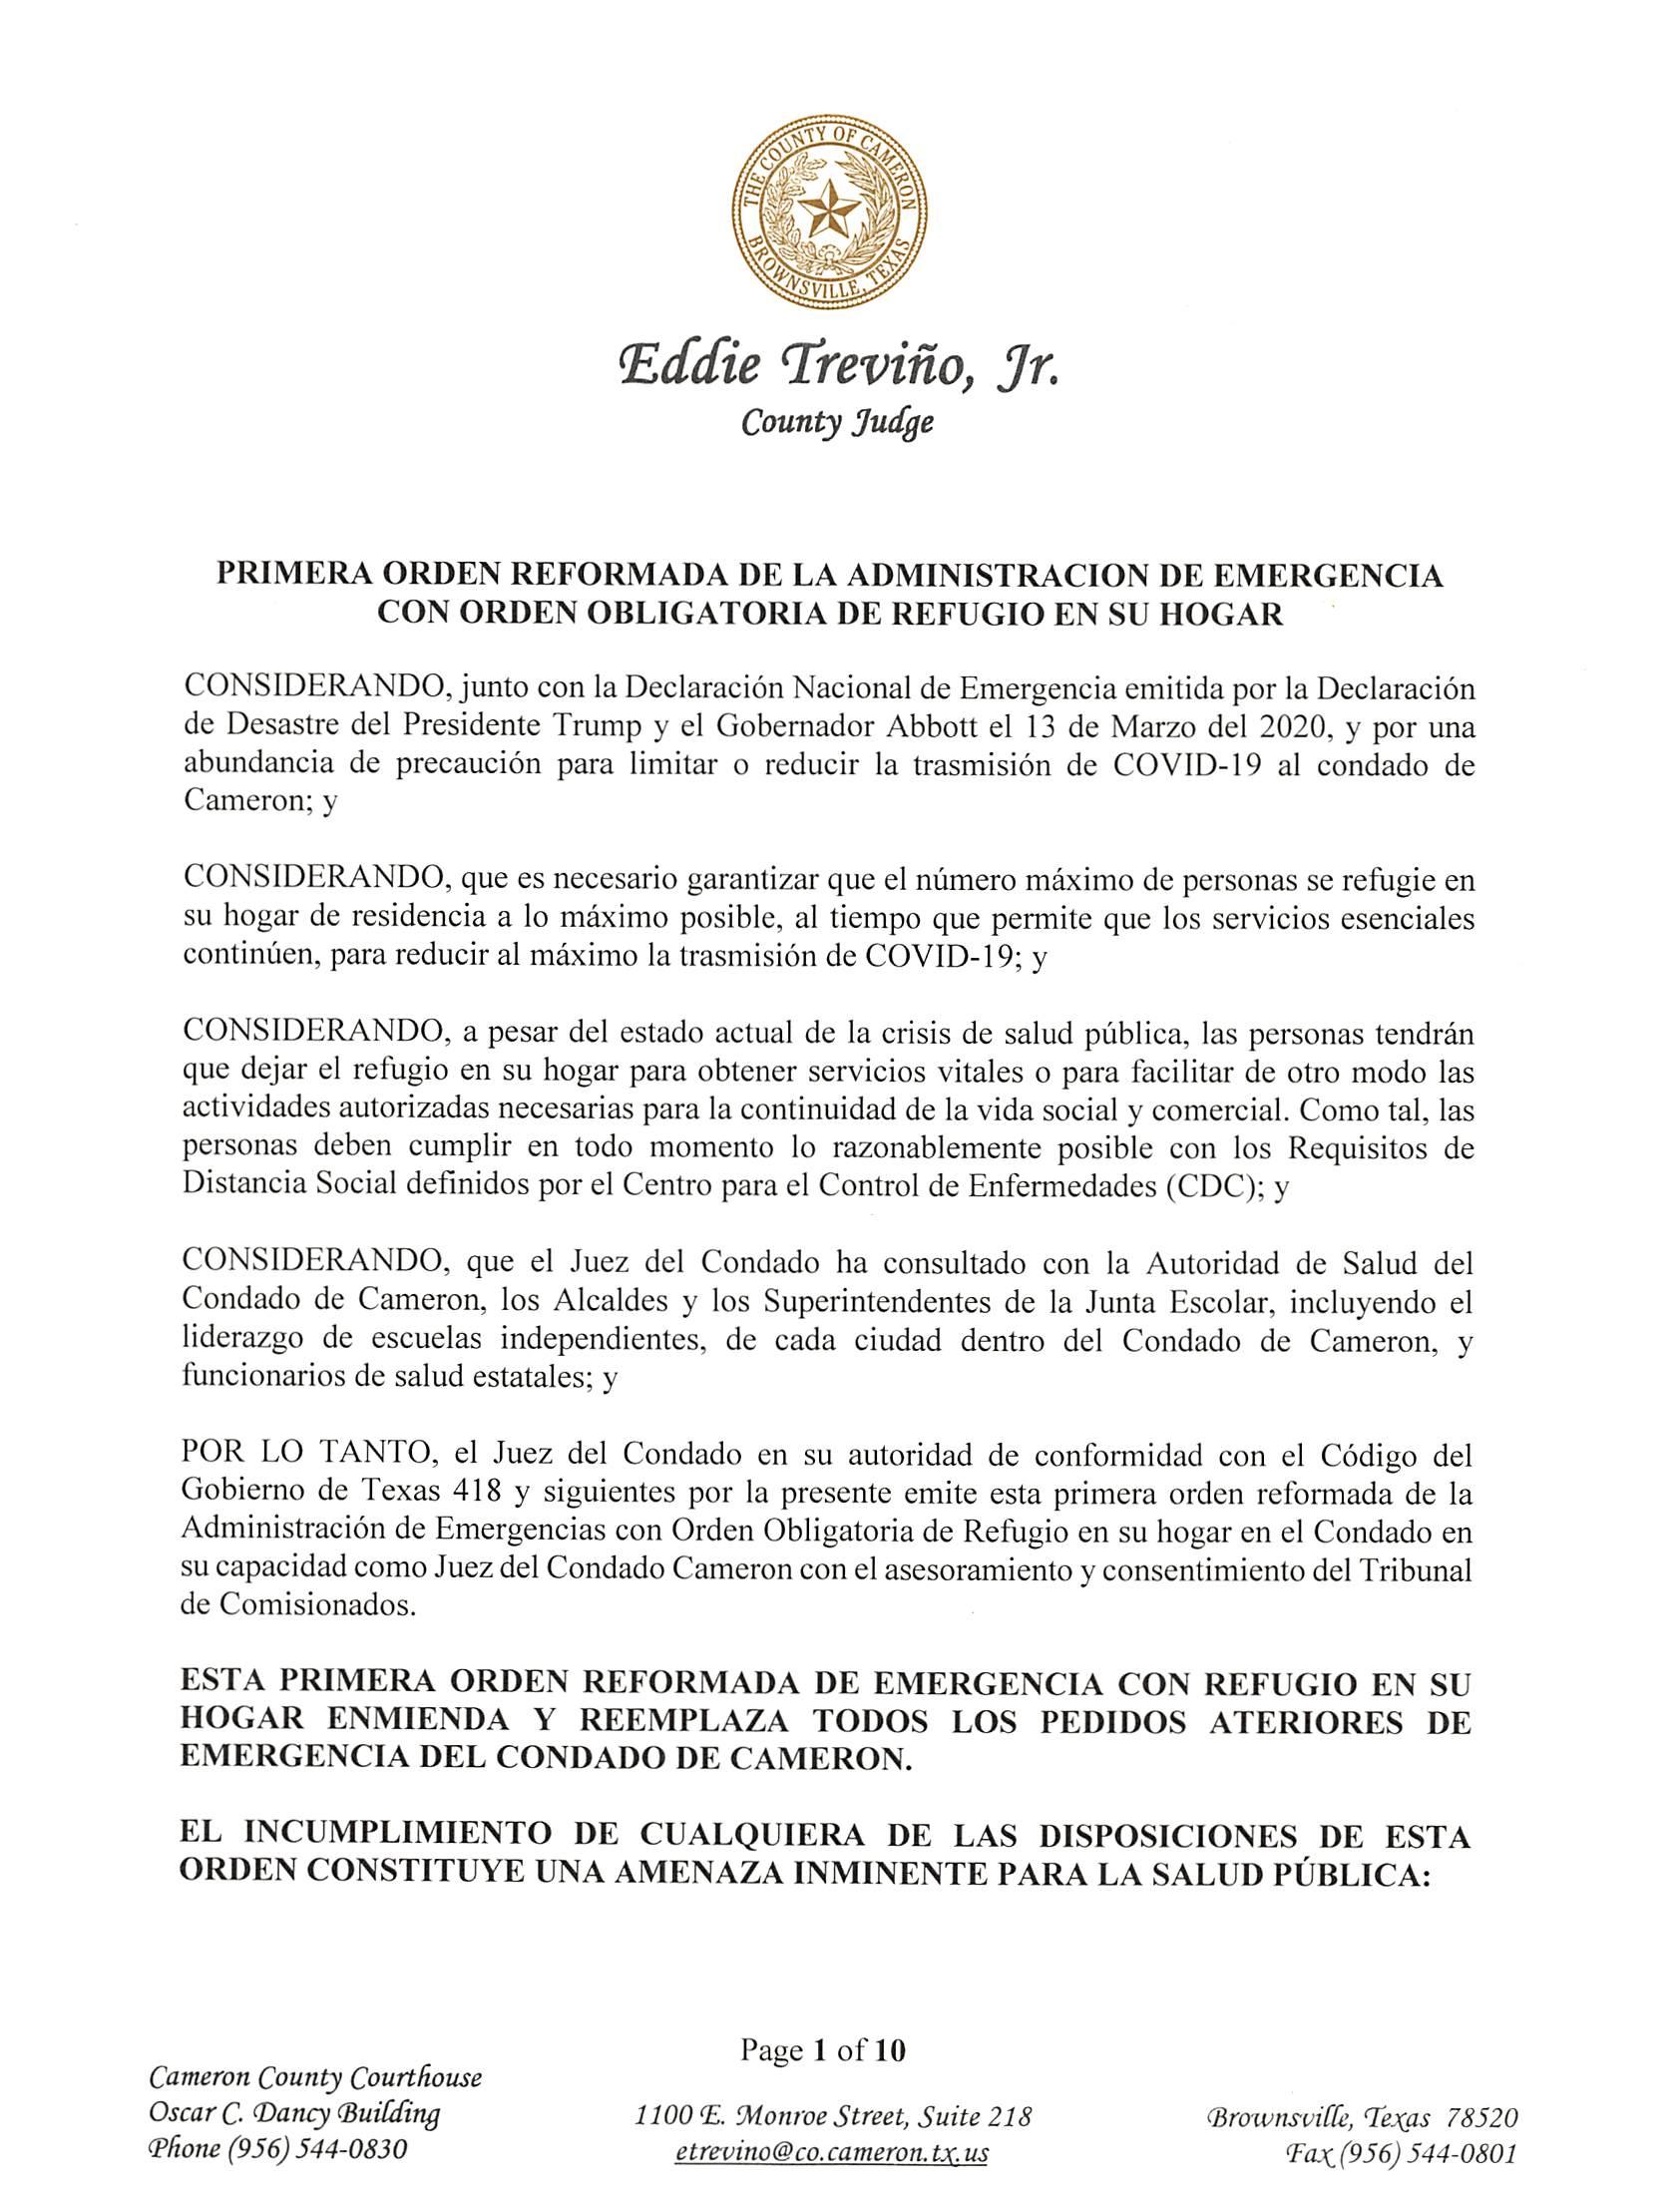 2020 03 26 PRIMERA ORDEN REFORMADA DE LA ADMINISTRACION DE EMERGENCIA CON ORDEN OBLIGATORIA DE REFUGIO EN SU HOGAR Page 01